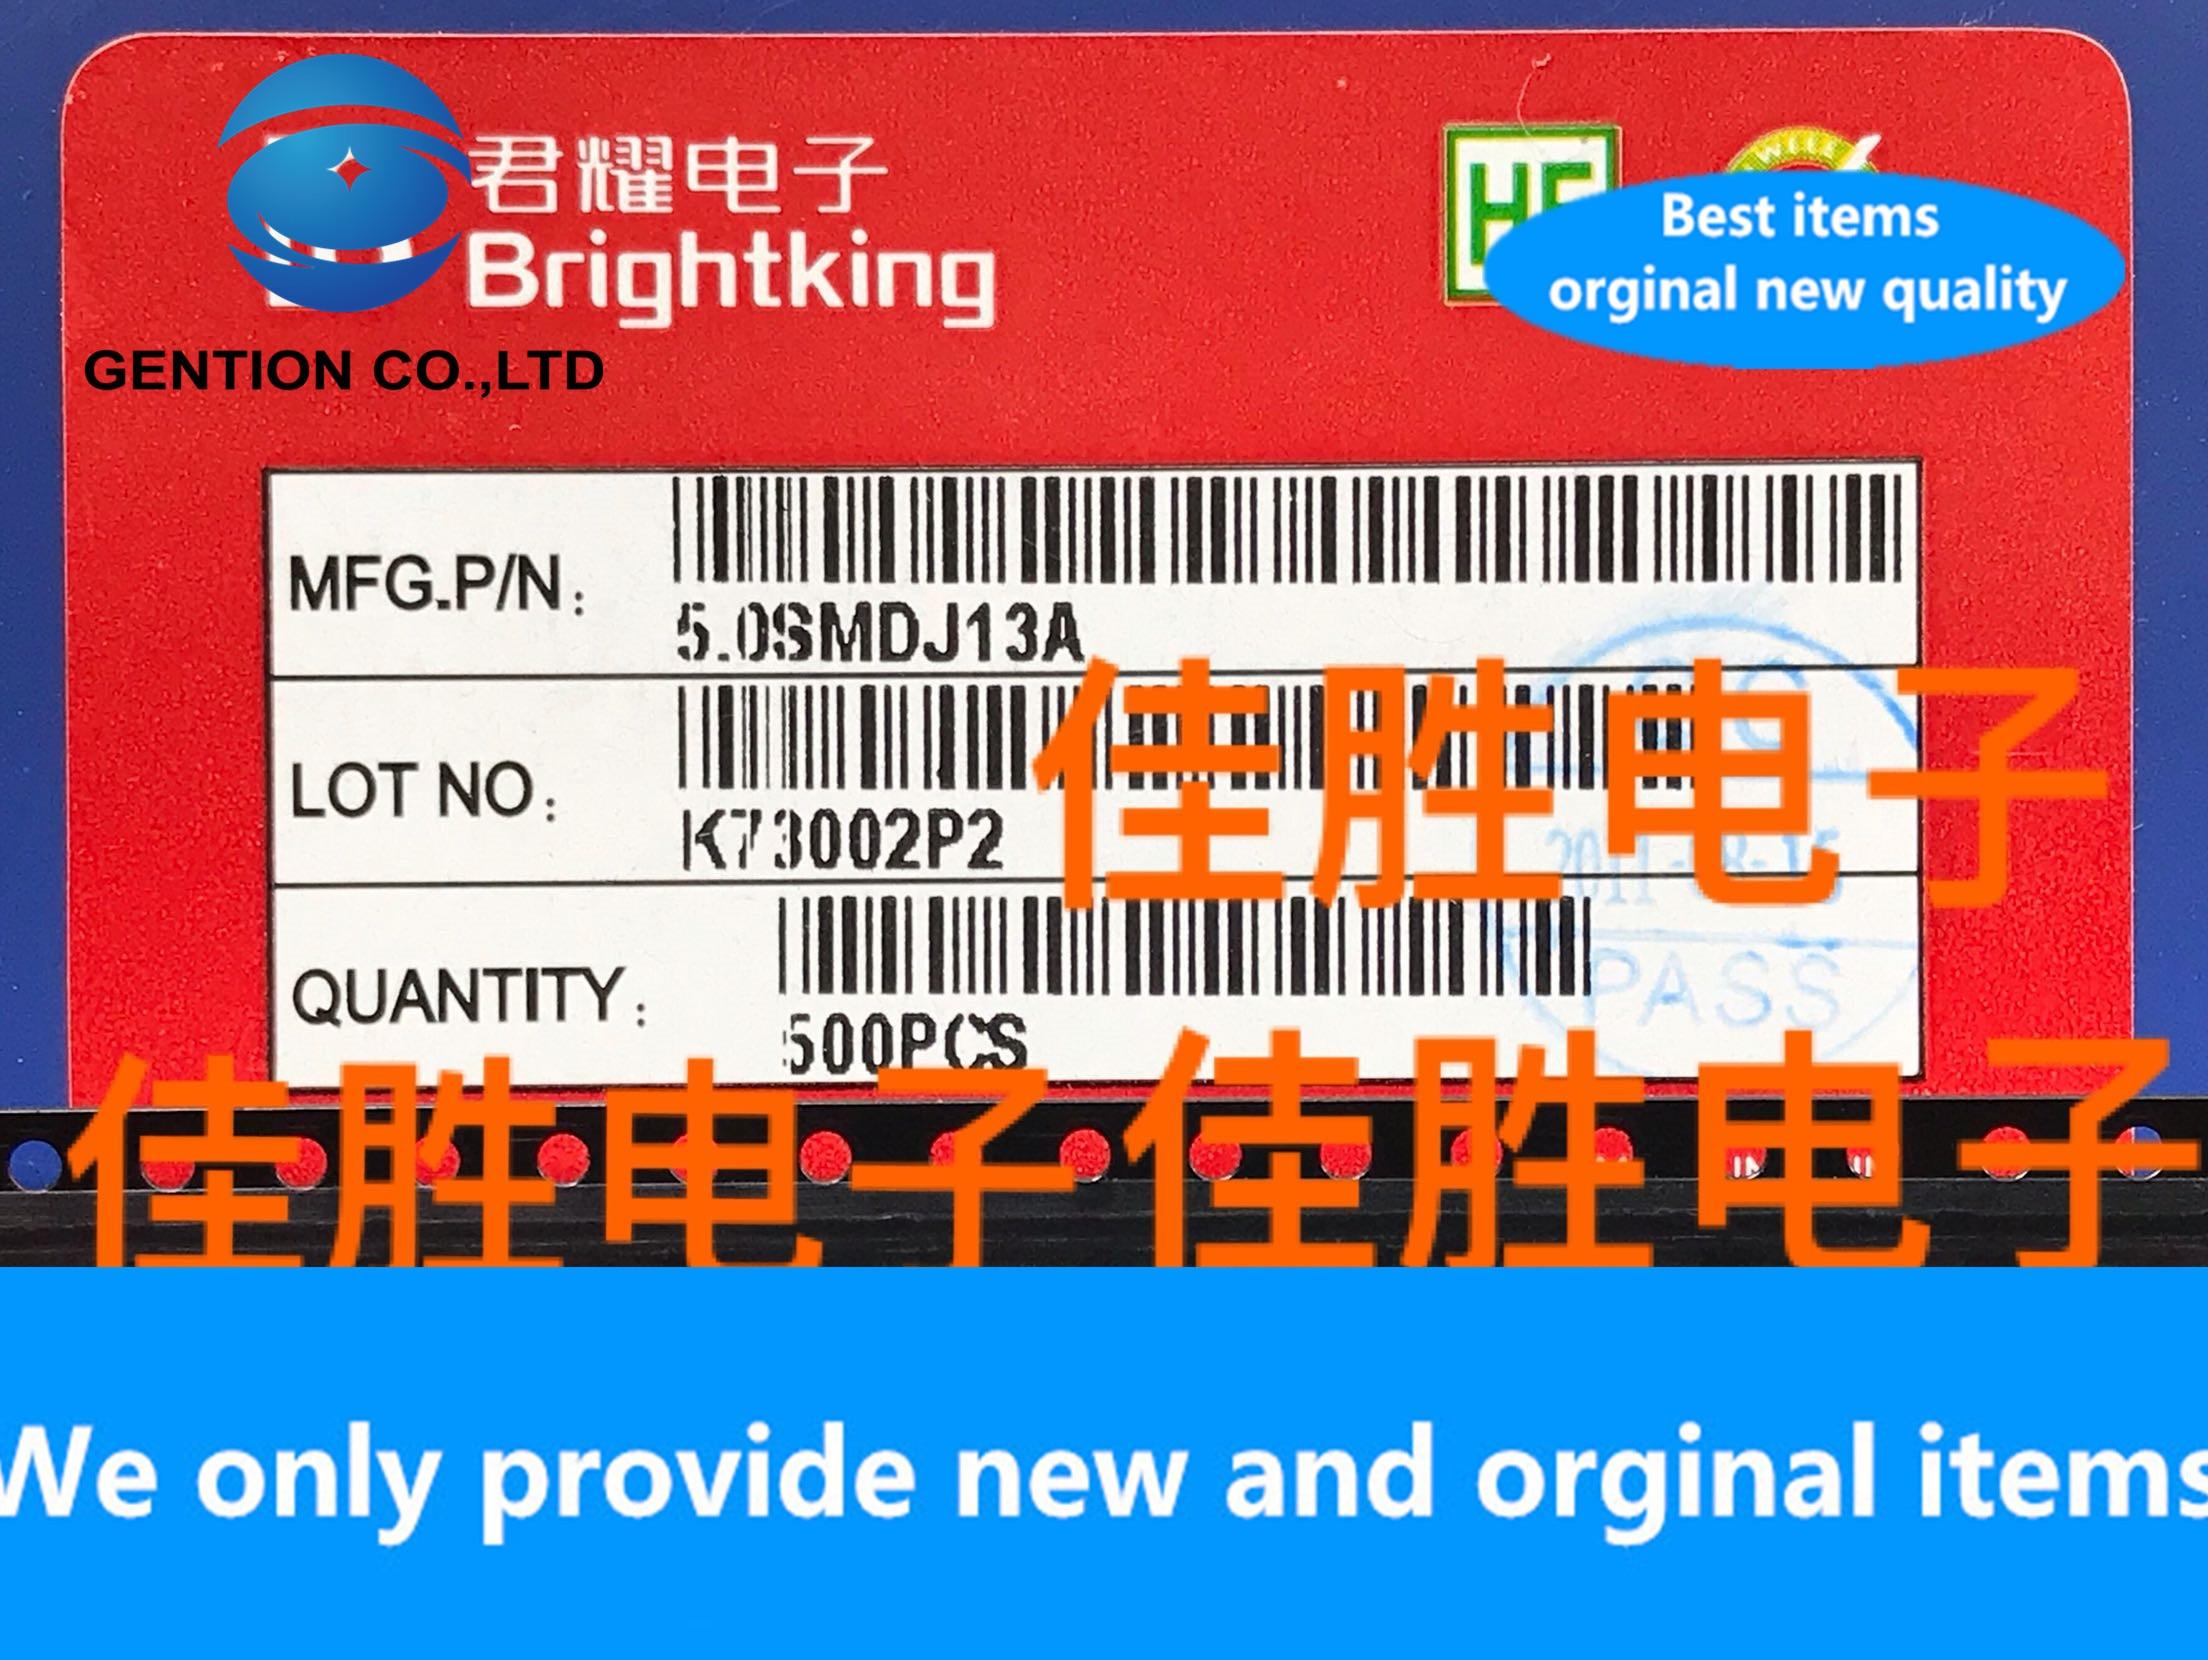 20PCS 100% New Original 5.0SMDJ13A 13v High Power Unidirectional TVS Protection Tube DO214AB Silk Screen 5PEQ